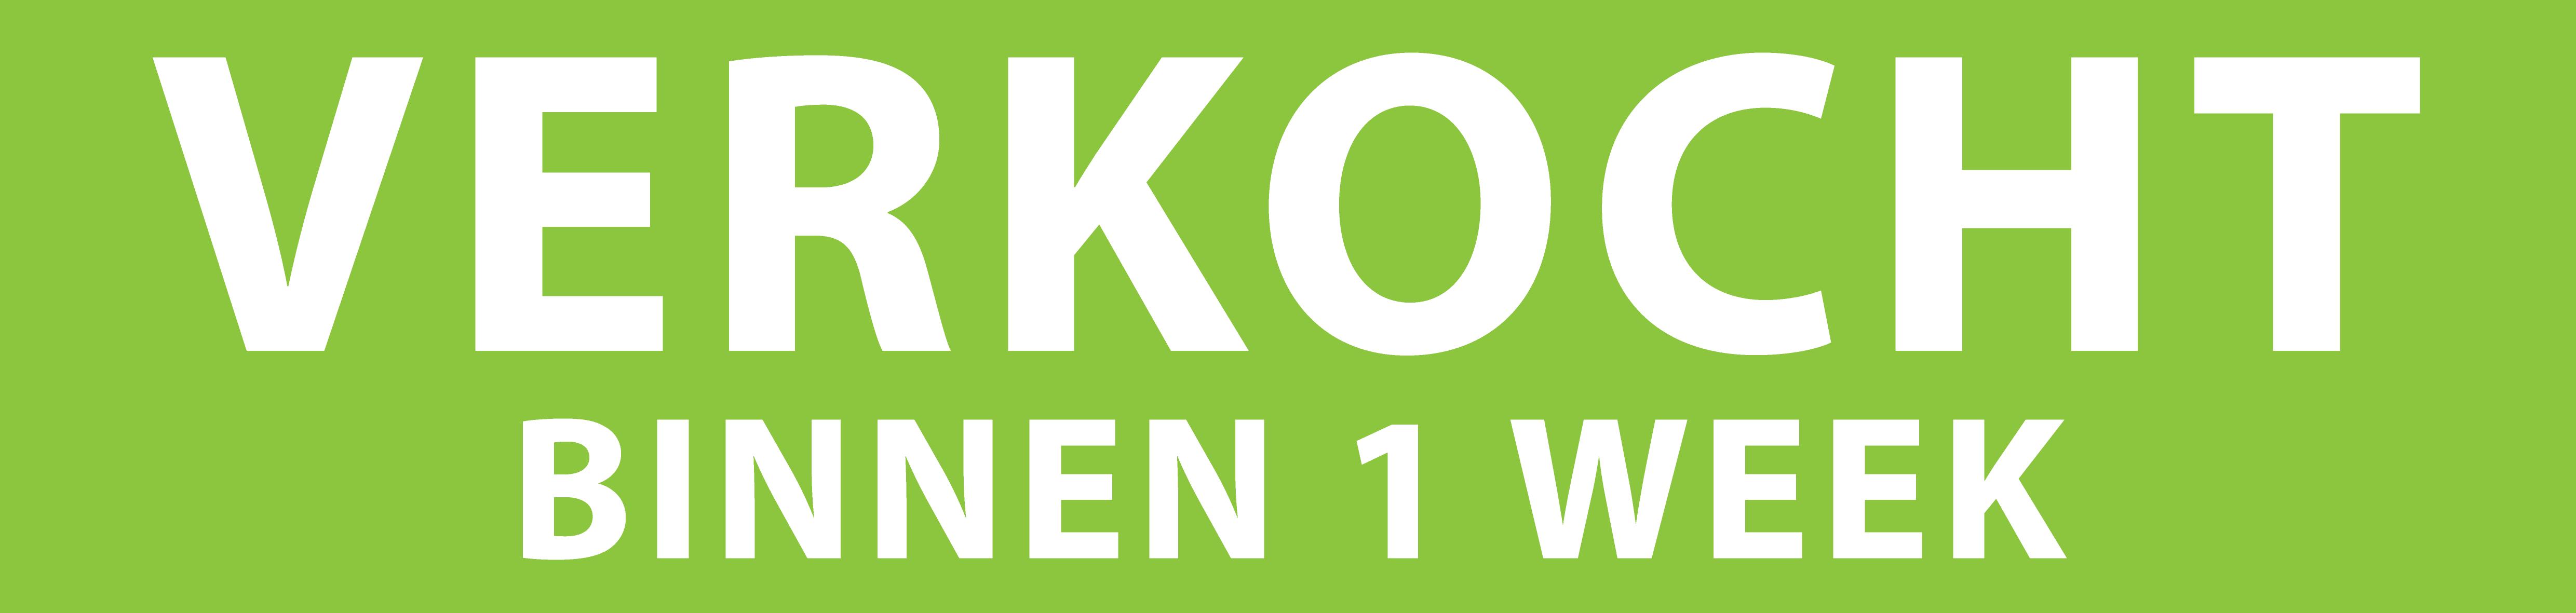 Groen Met Wit Verkocht Binnen 1 Week